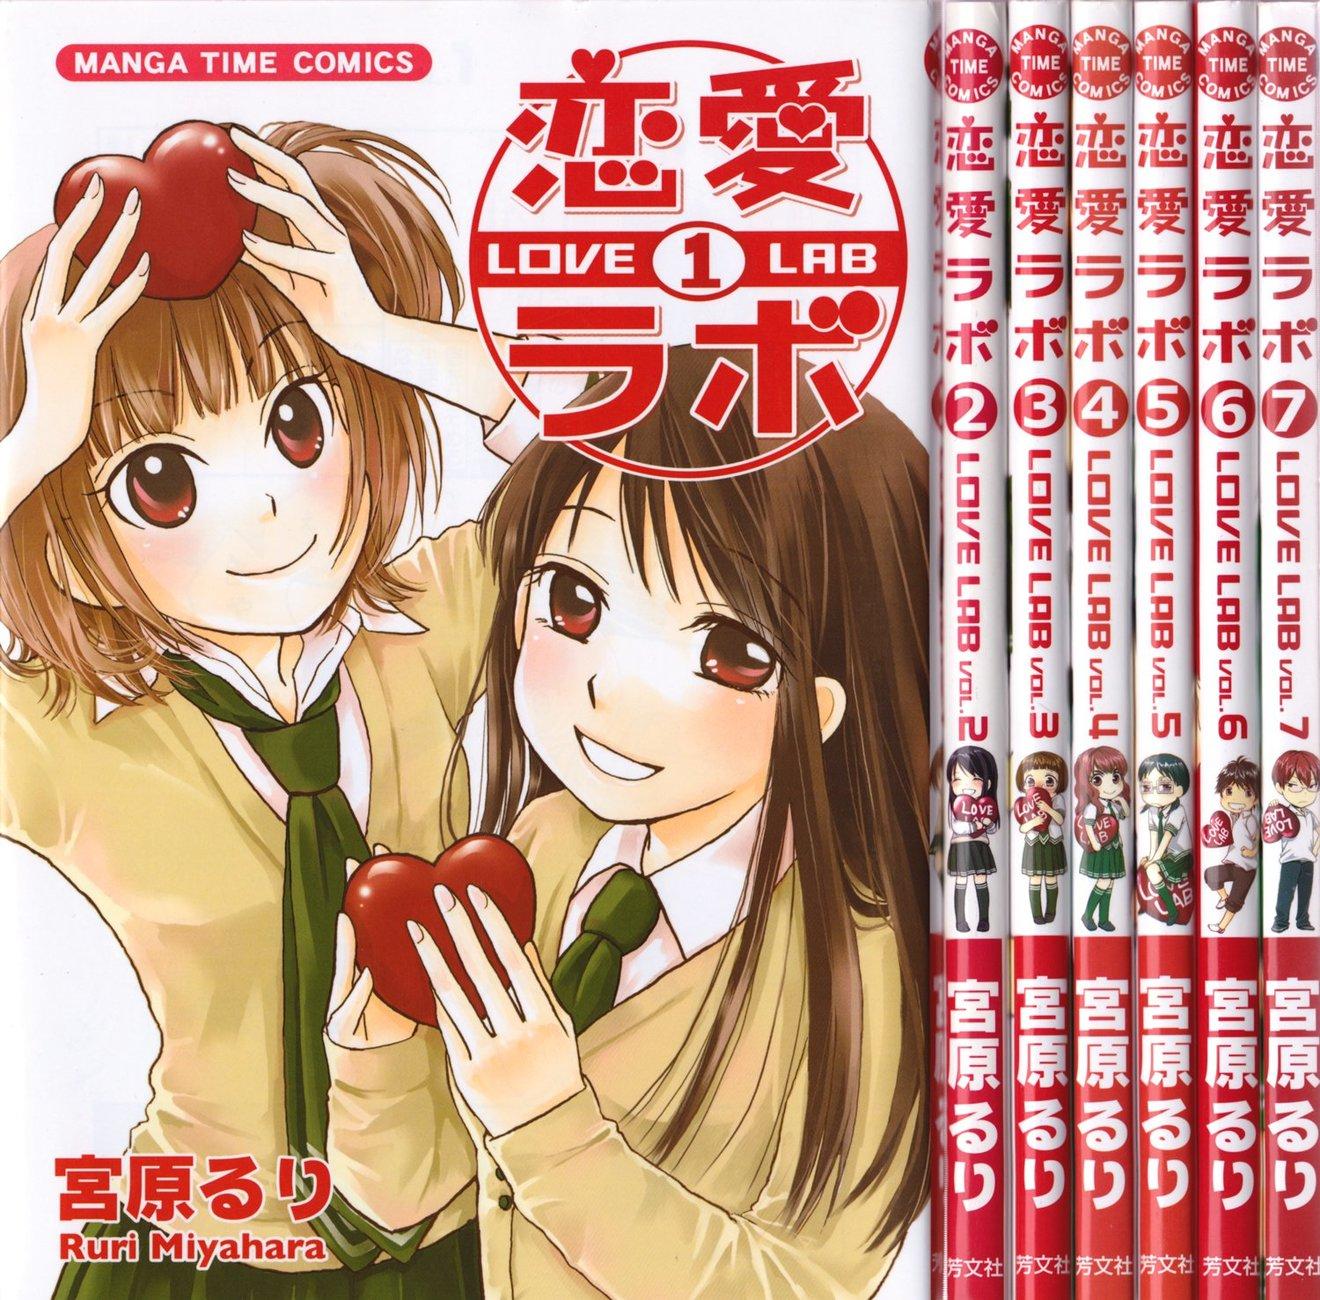 漫画『恋愛ラボ』の魅力を最新13巻までネタバレ紹介!恋に恋する乙女たち